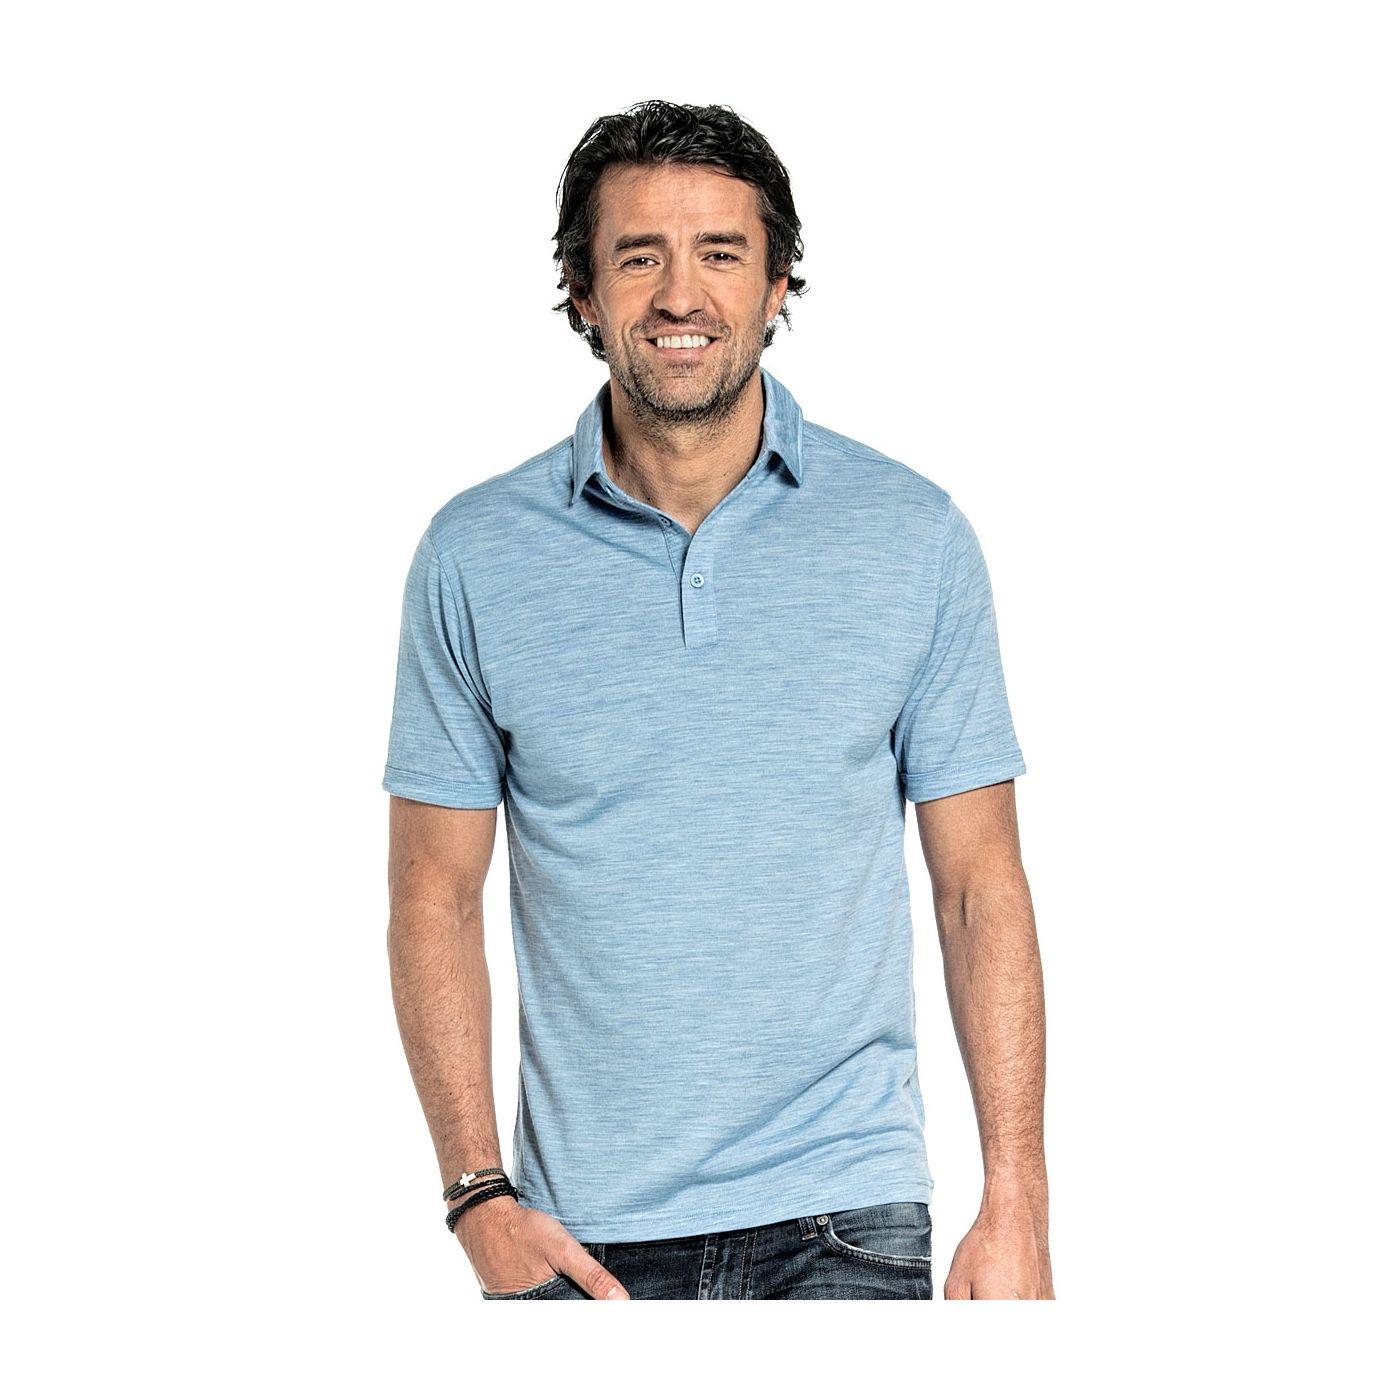 Poloshirt voor mannen gemaakt van merinowol in het Lichtblauw